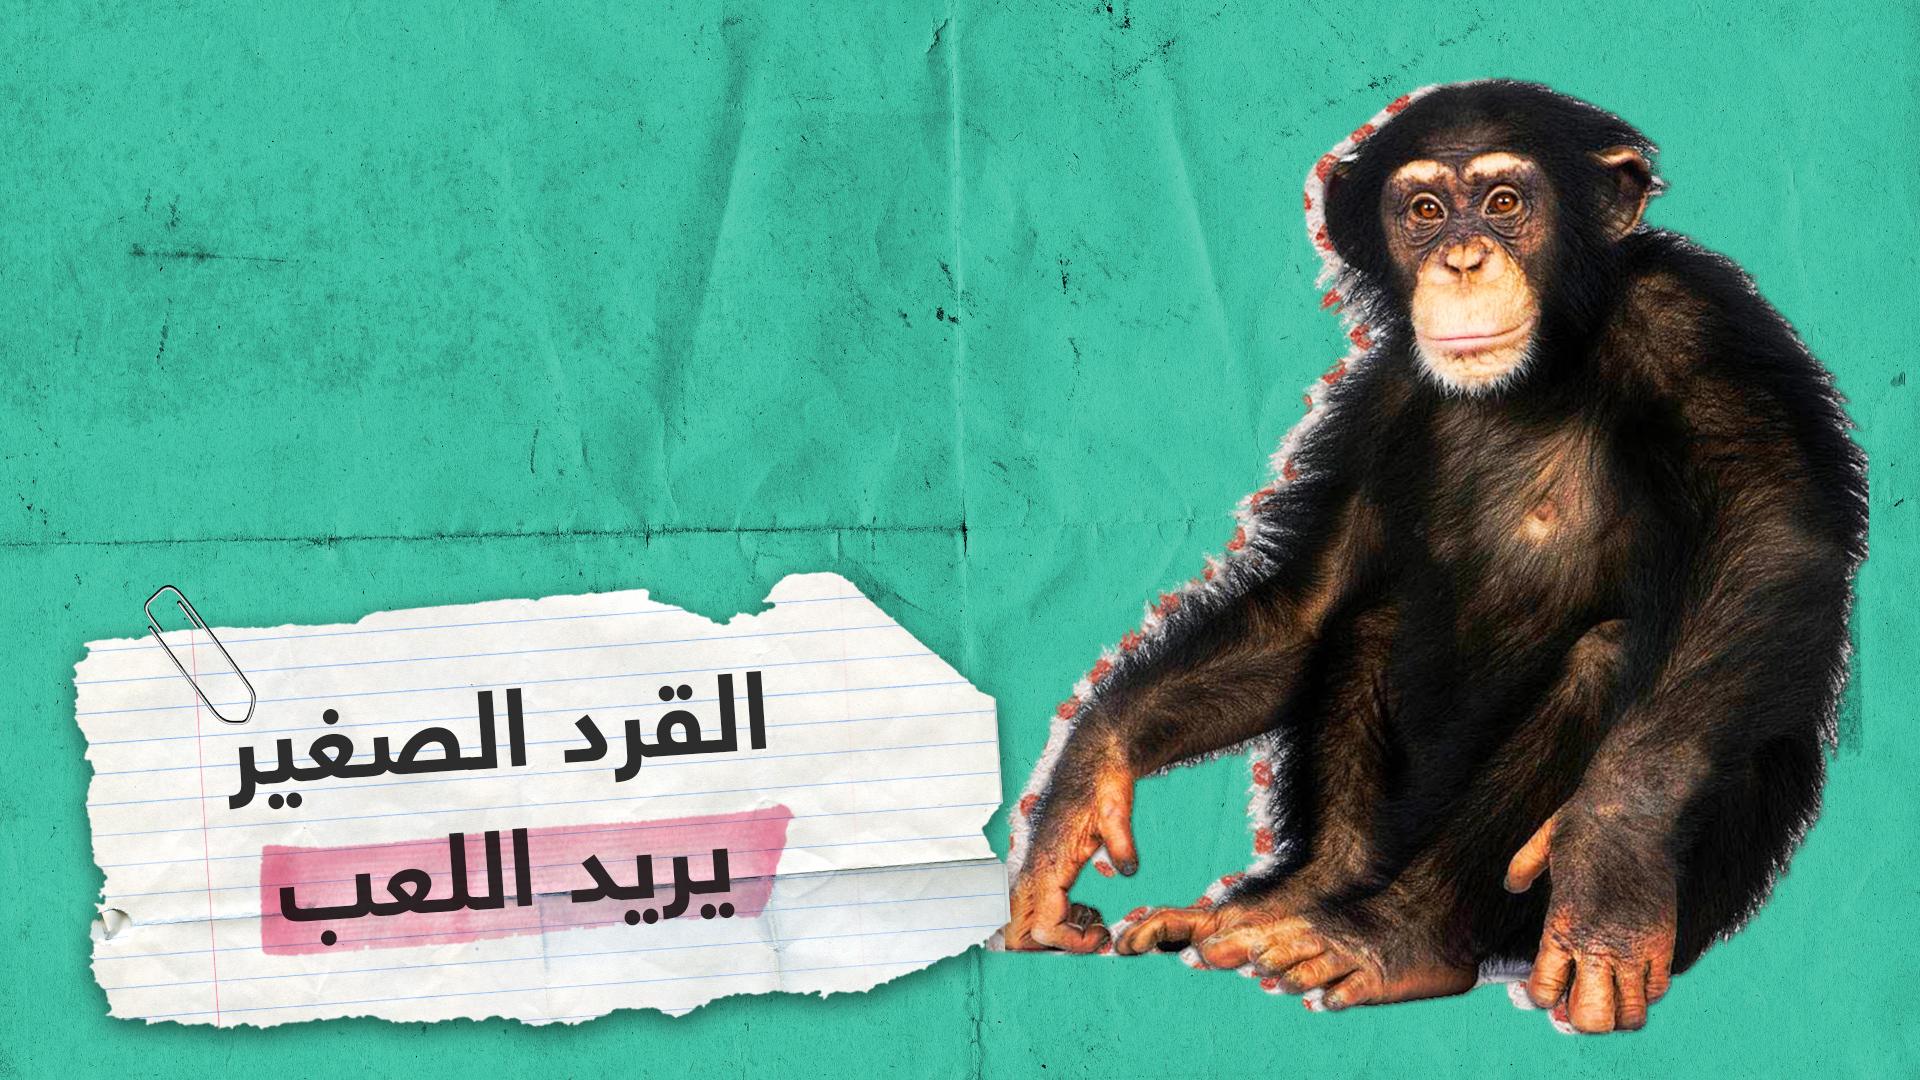 القرد المشاكس الصغير